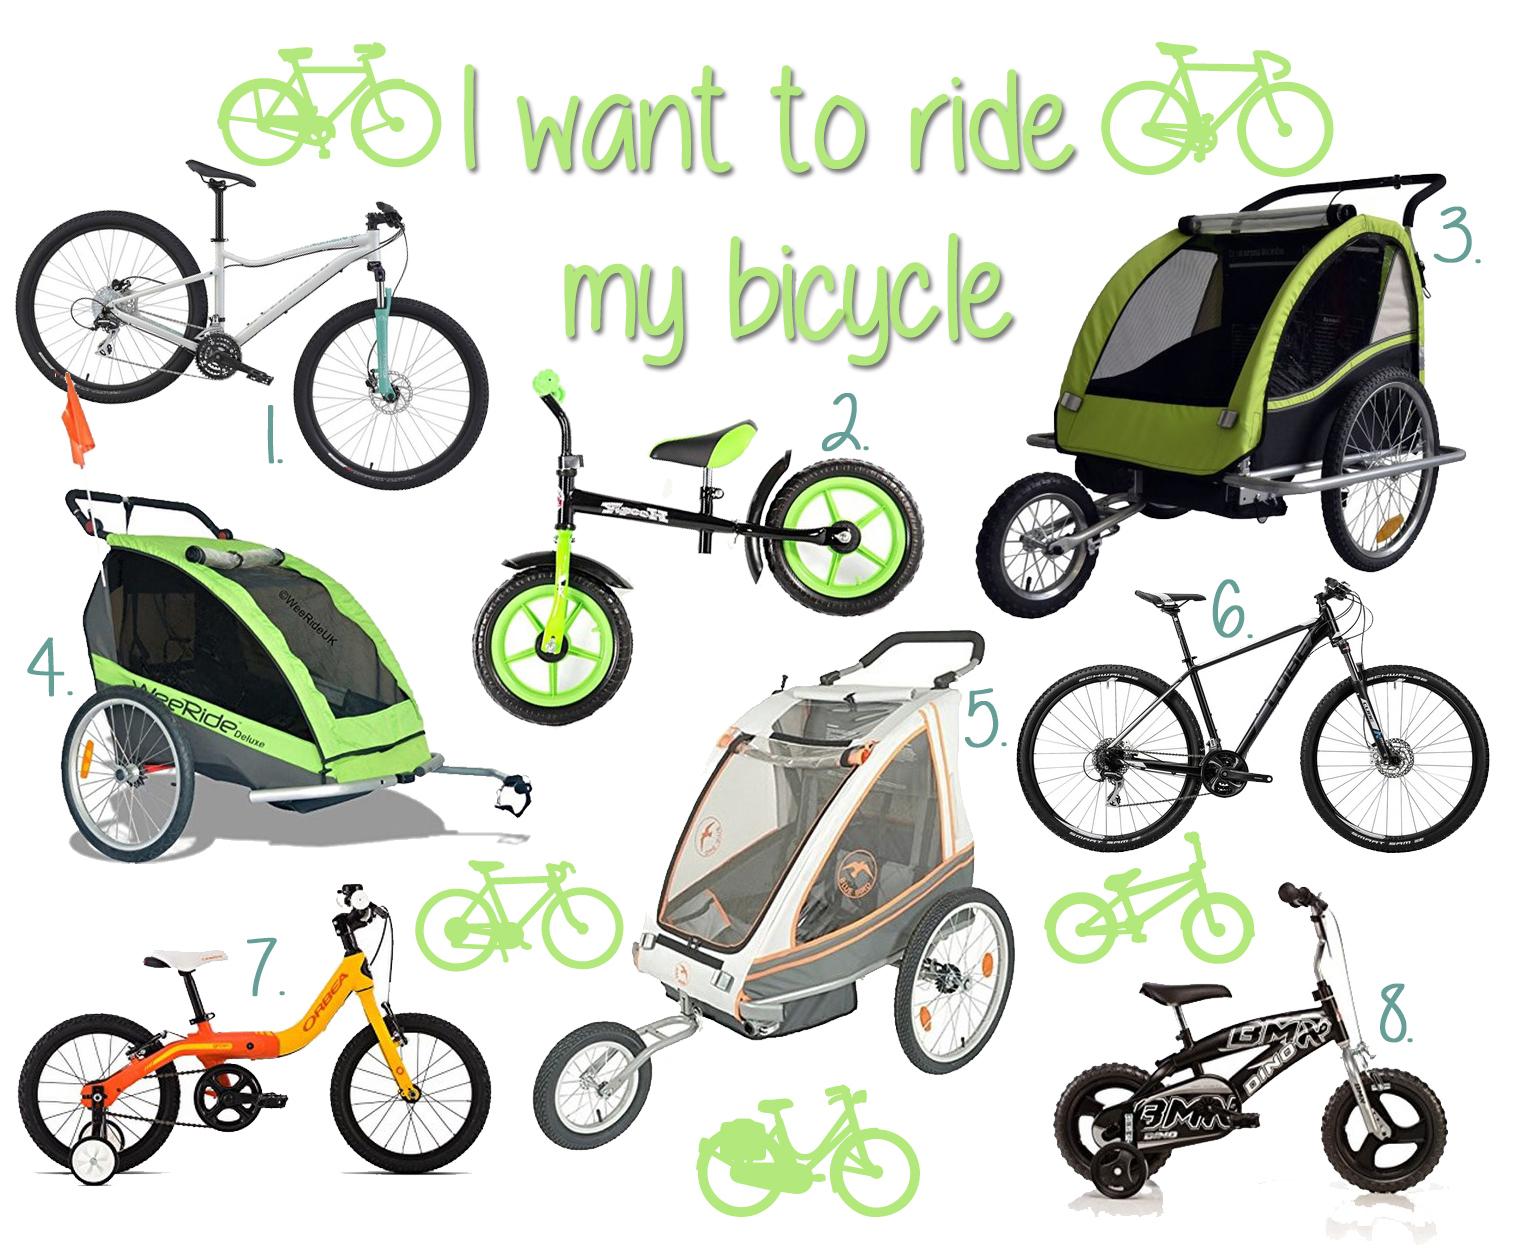 fahrrad fahren unterwegs mit kind und kegel wunderhaftig. Black Bedroom Furniture Sets. Home Design Ideas